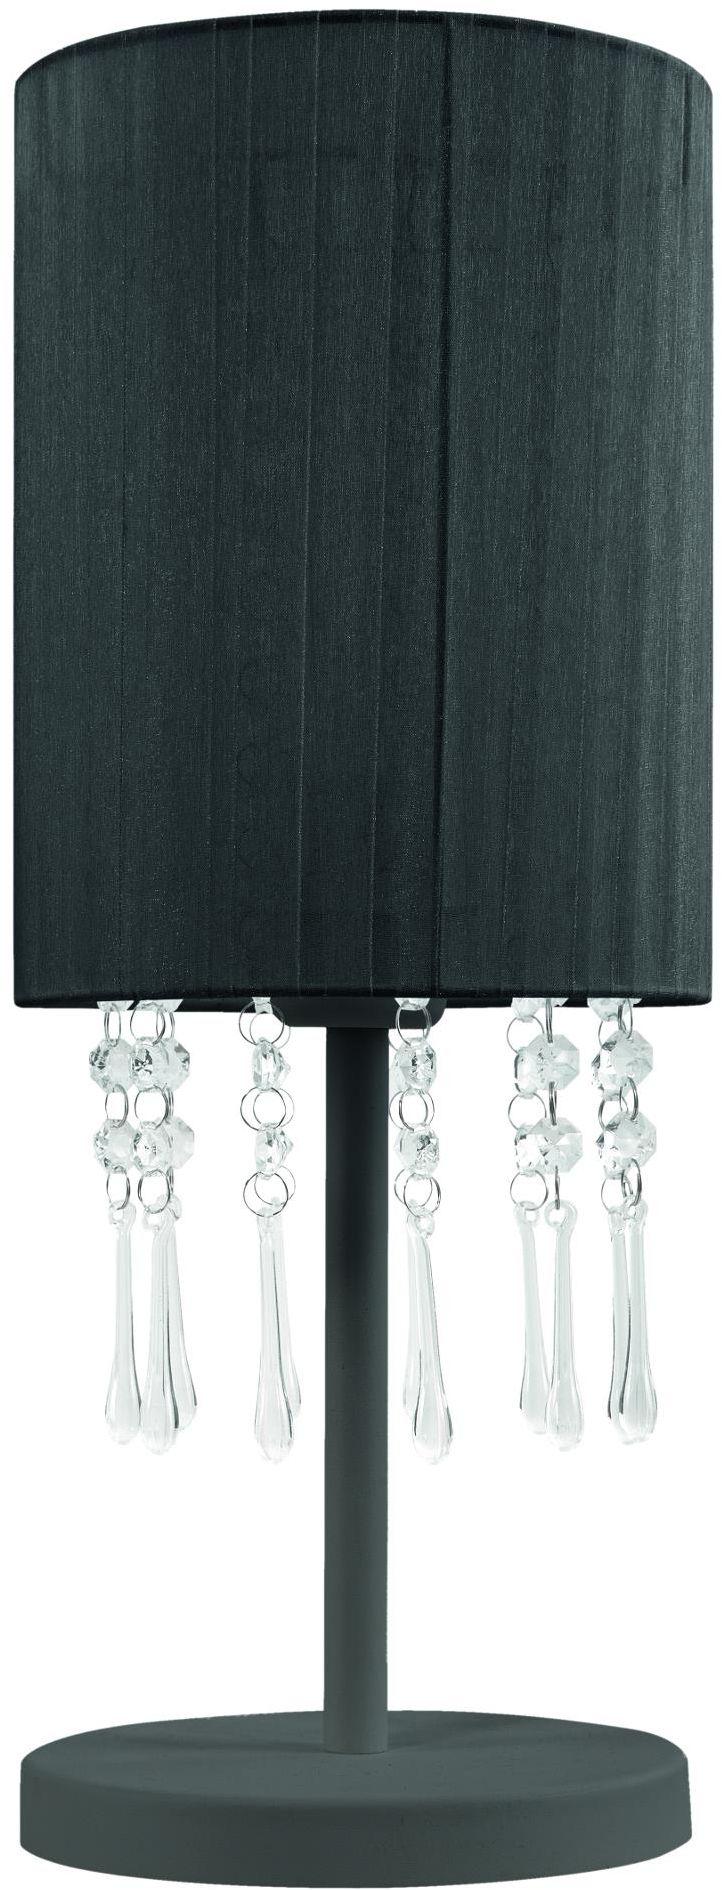 Lampex Wenecja czarna 153/LM CZA lampa stołowa czarna finezyjny abażur spod którego zwisają akrylowe kryształki E27 1 60W 18cm